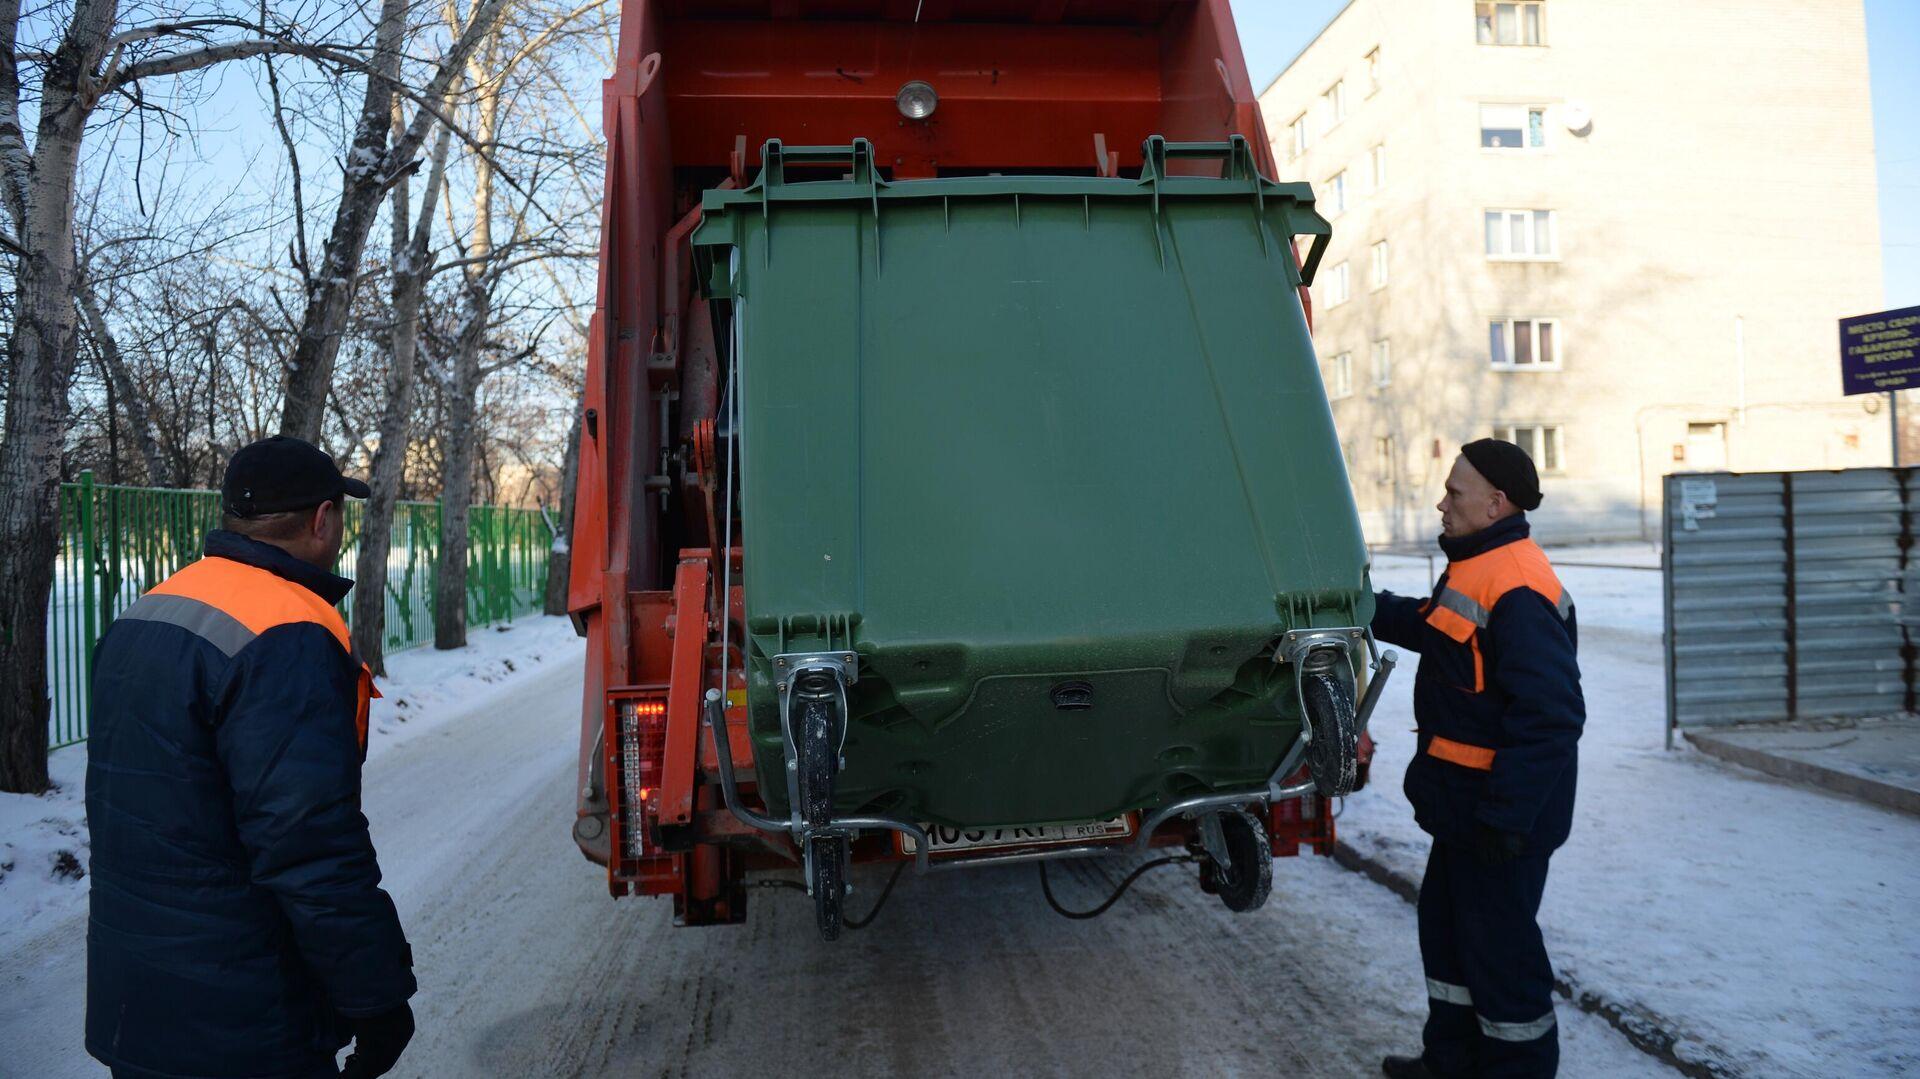 Вывоз отходов с контейнерной площадки на мусоросортировочный комплекс - РИА Новости, 1920, 25.12.2019